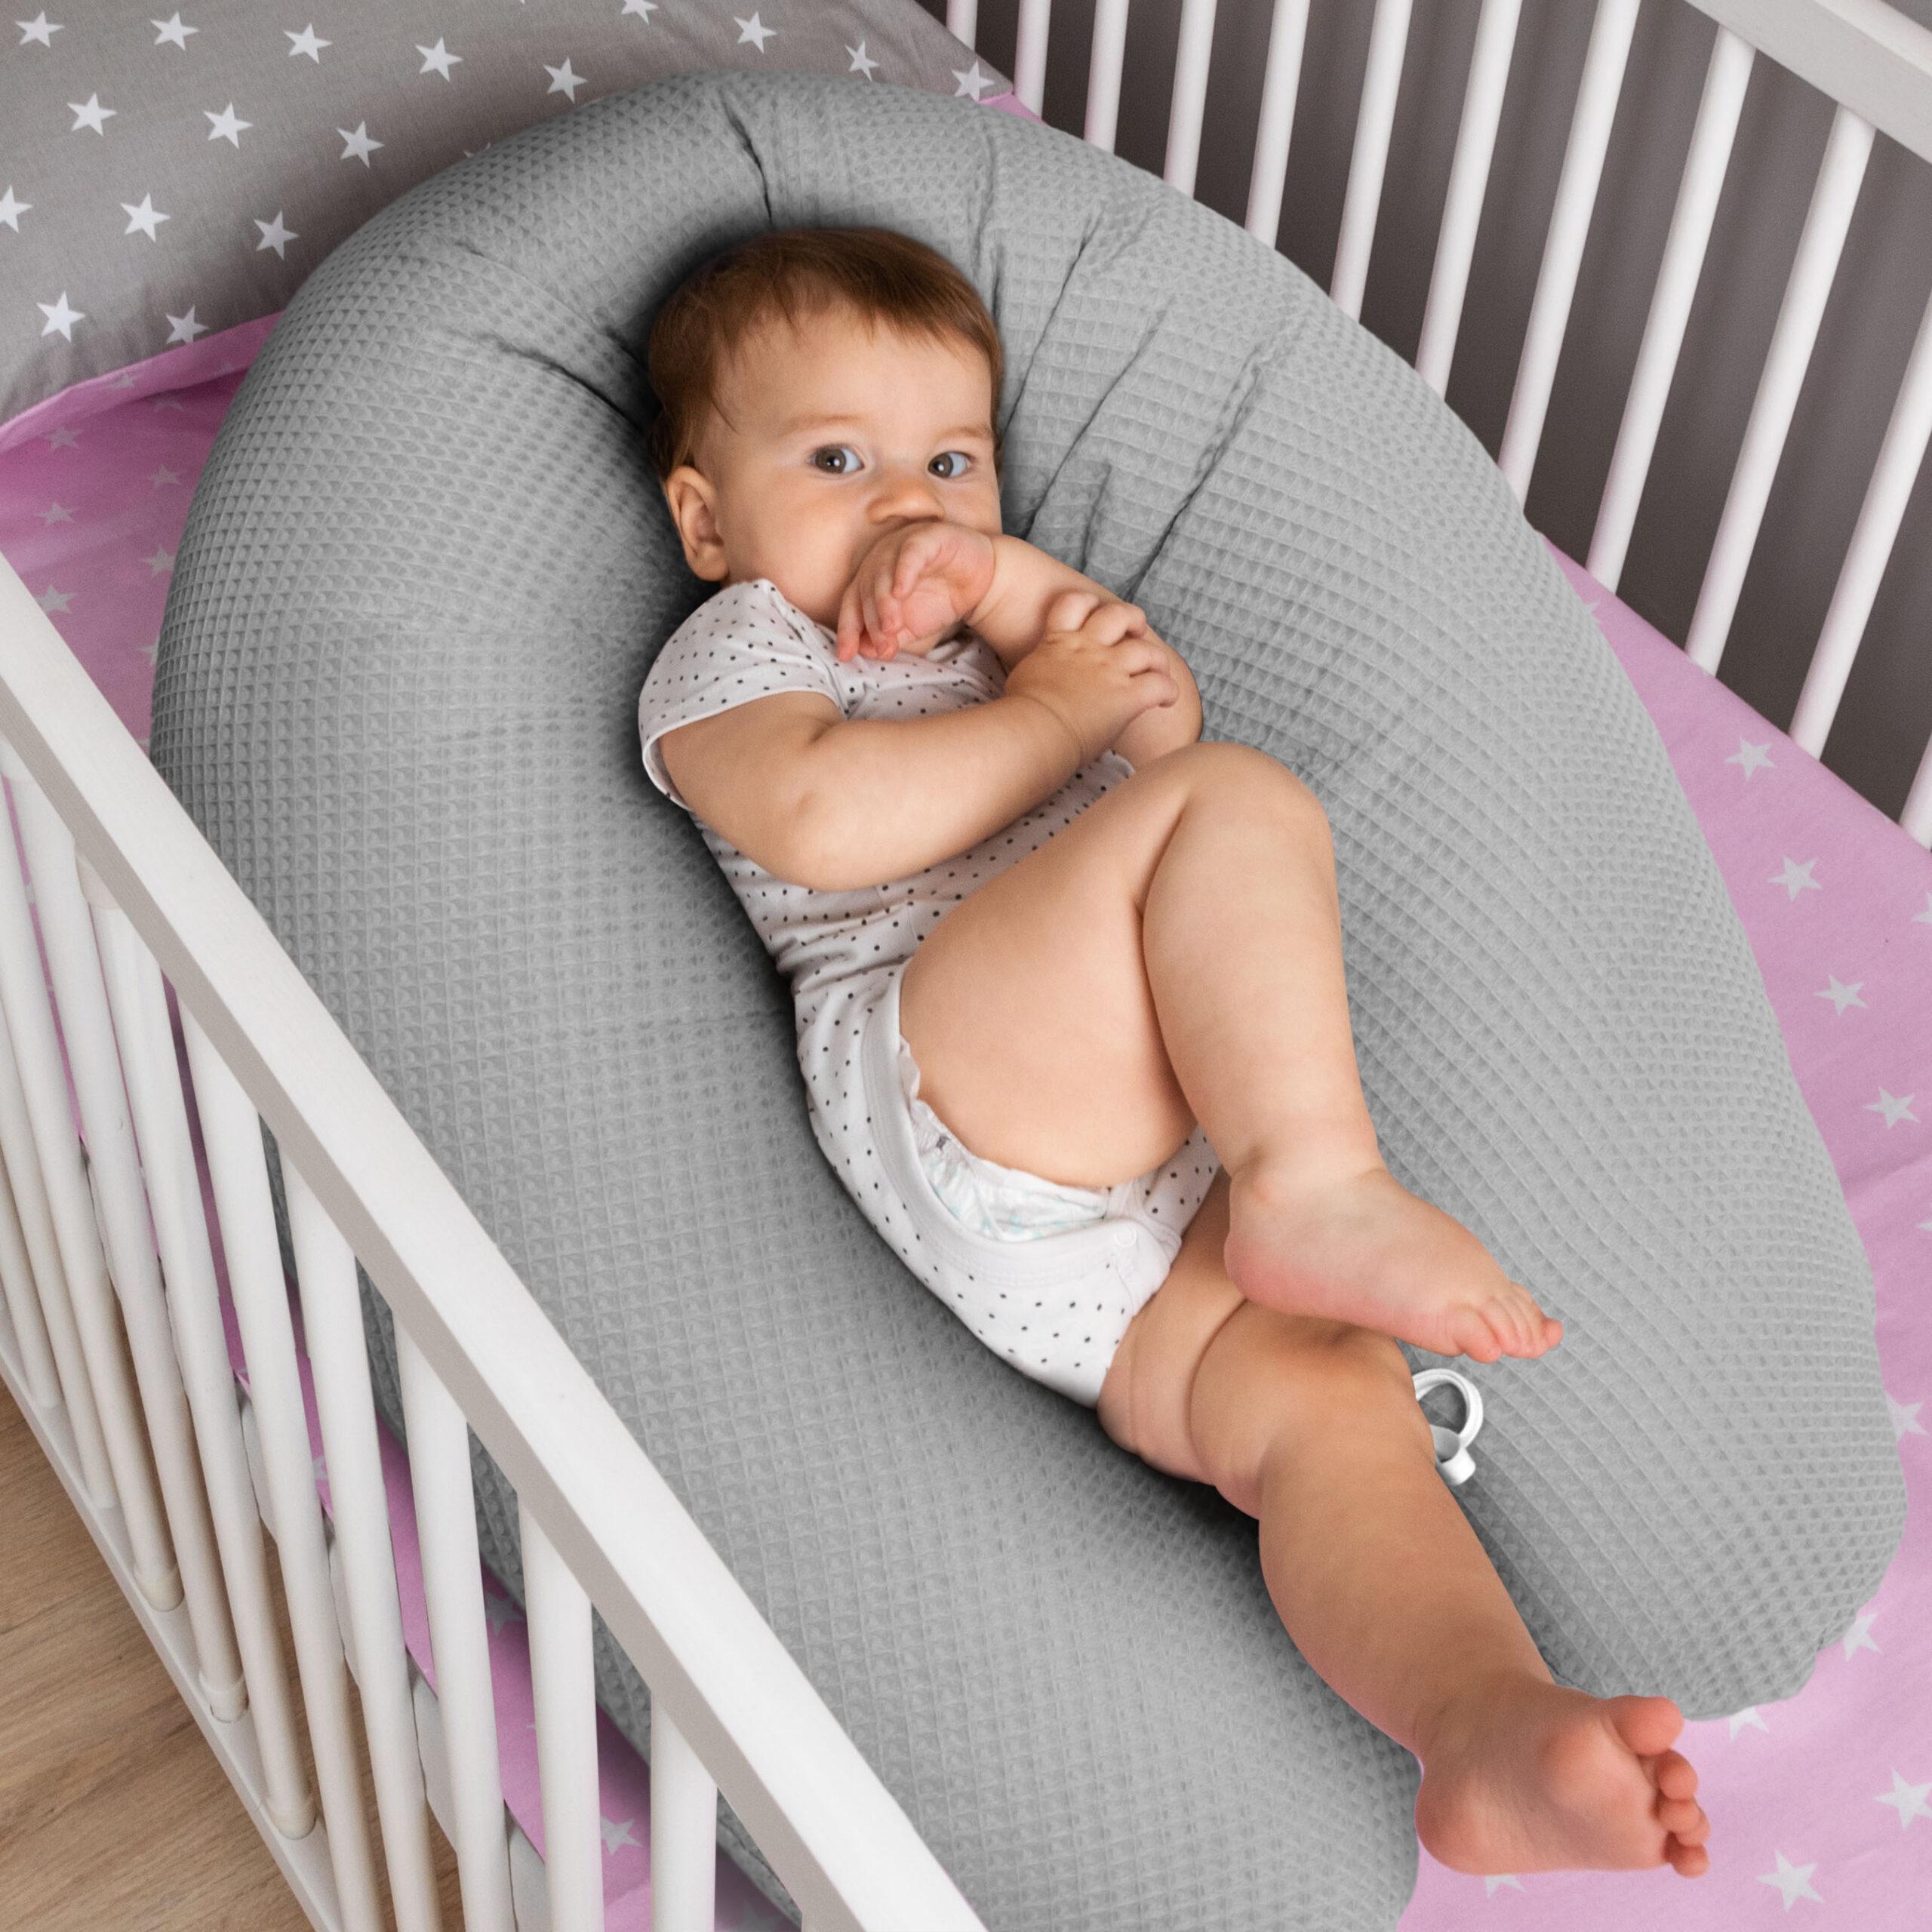 B/ären MINI Grau//Pepita Grau Amilian Stillkissen mit F/üllung f/ürs Baby 330cm Bezug 100/% Baumwolle mit Rei/ßverschluss Babykissen Typ A